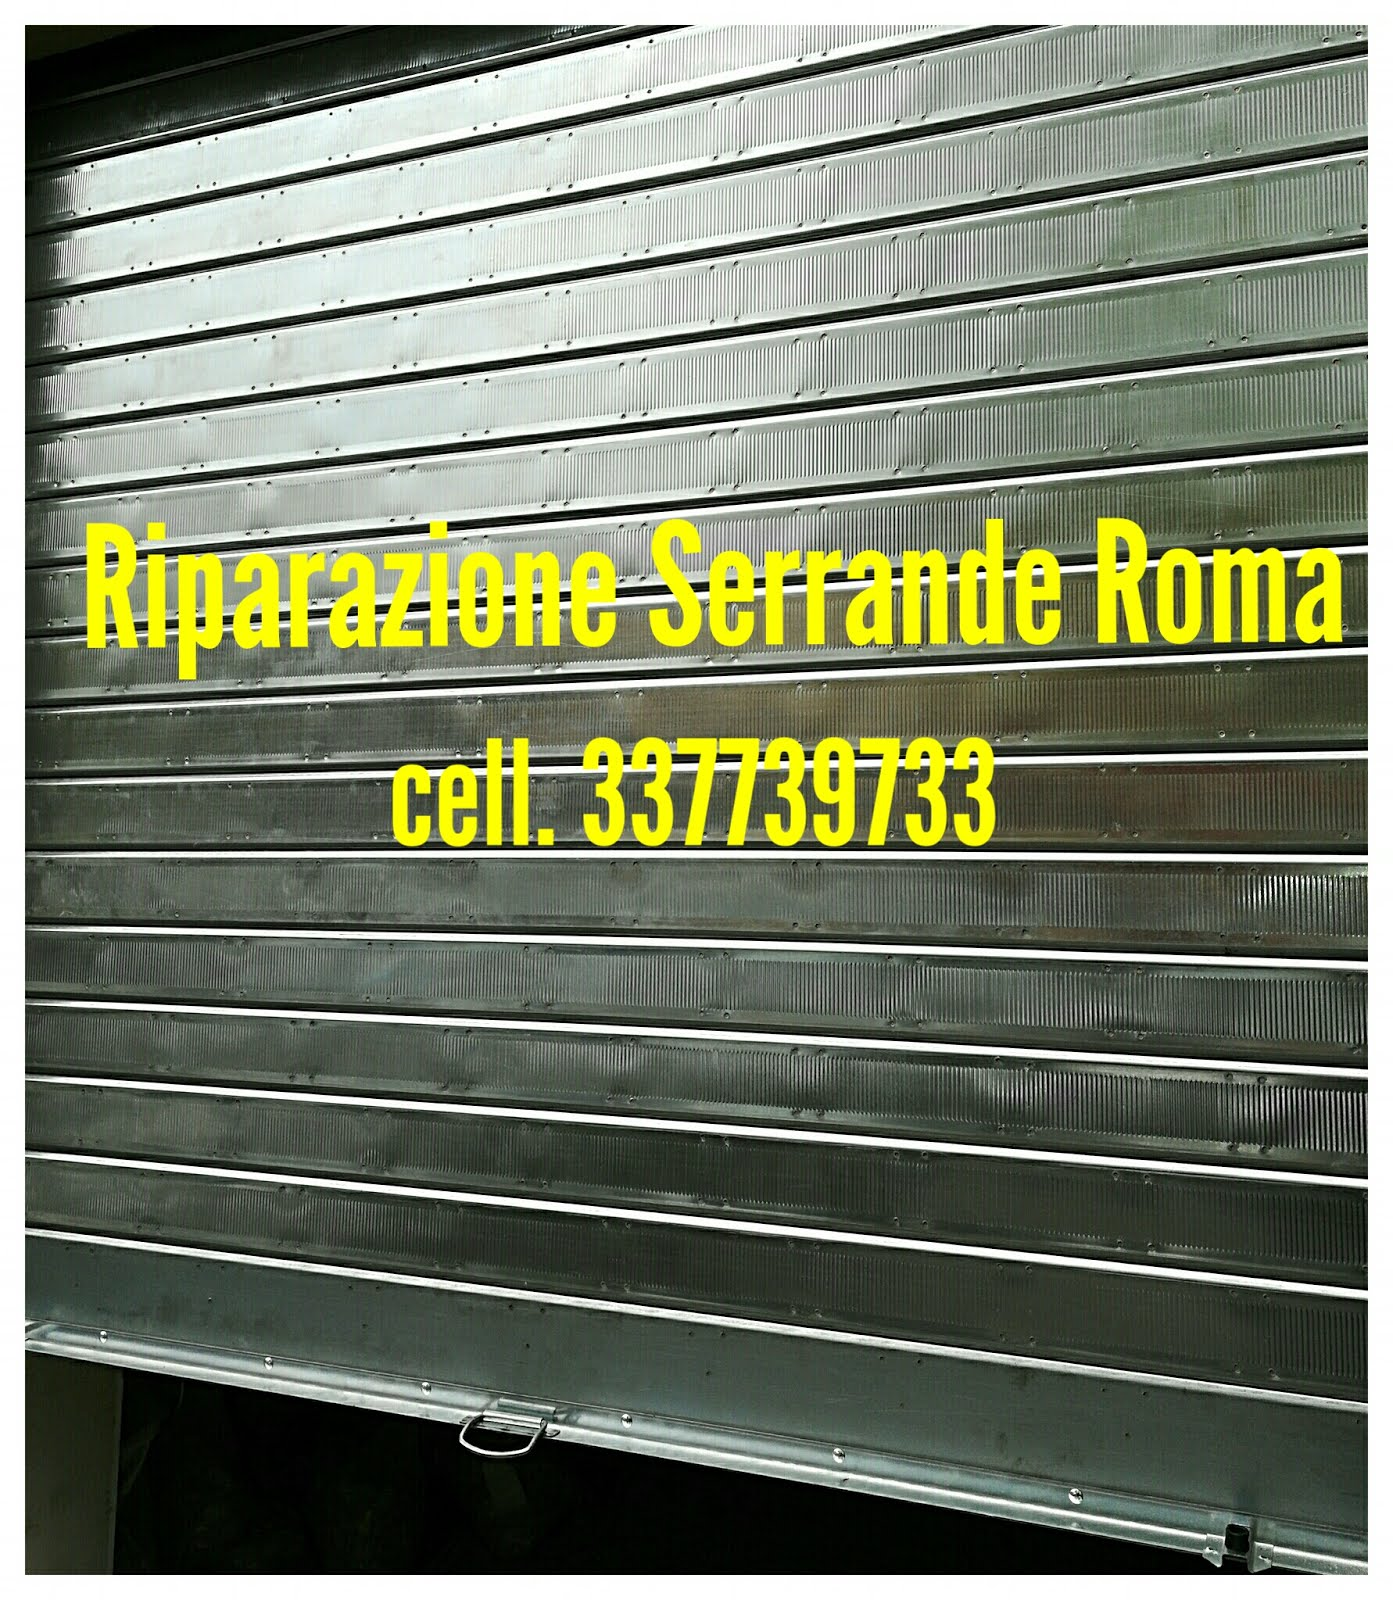 Schema Elettrico Bft Oro : Manuali pfd riparazione serrande roma